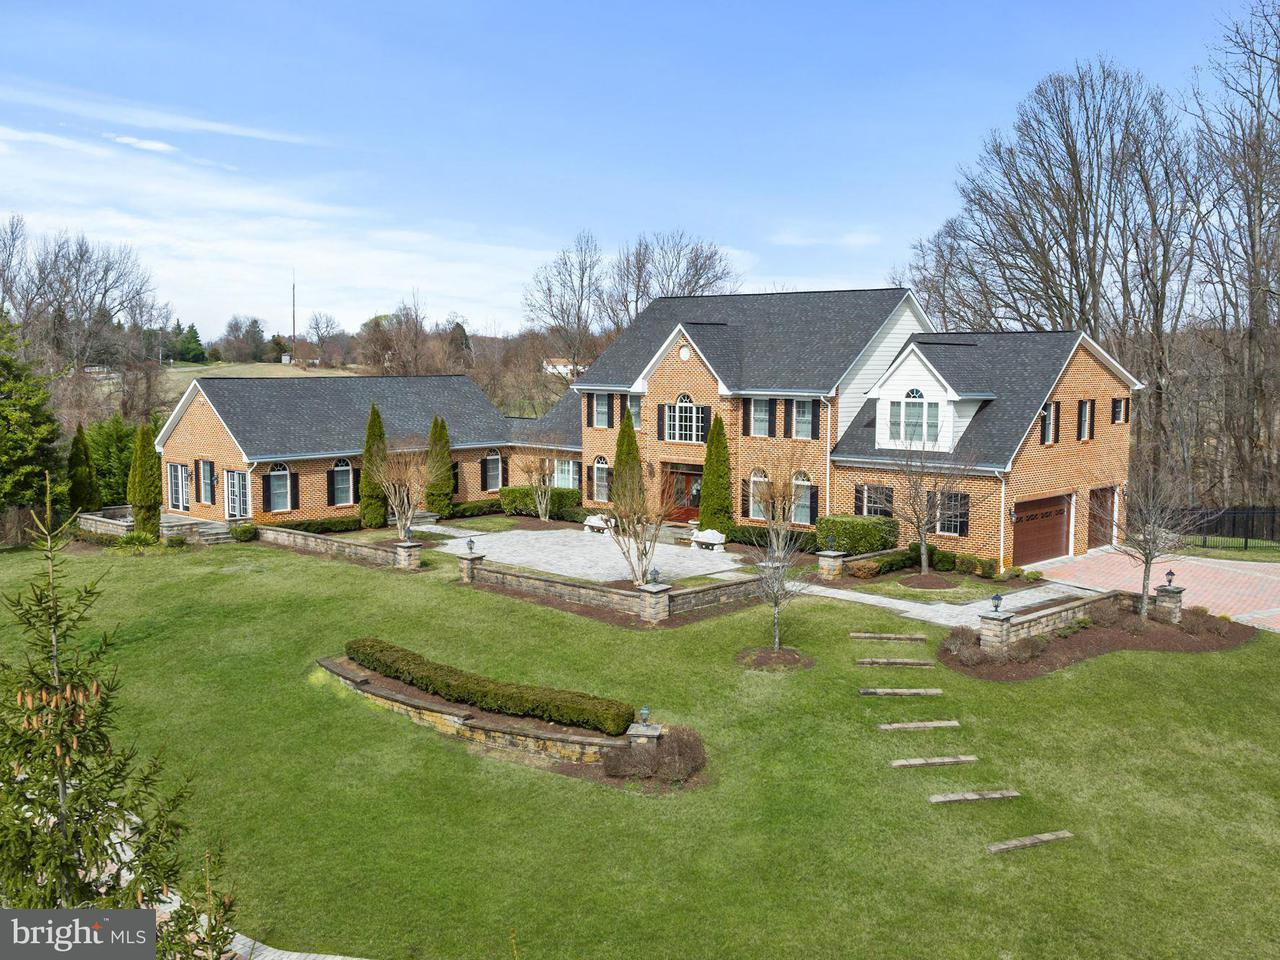 Maison unifamiliale pour l Vente à 3587 BIRDSVILLE Road 3587 BIRDSVILLE Road Davidsonville, Maryland 21035 États-Unis